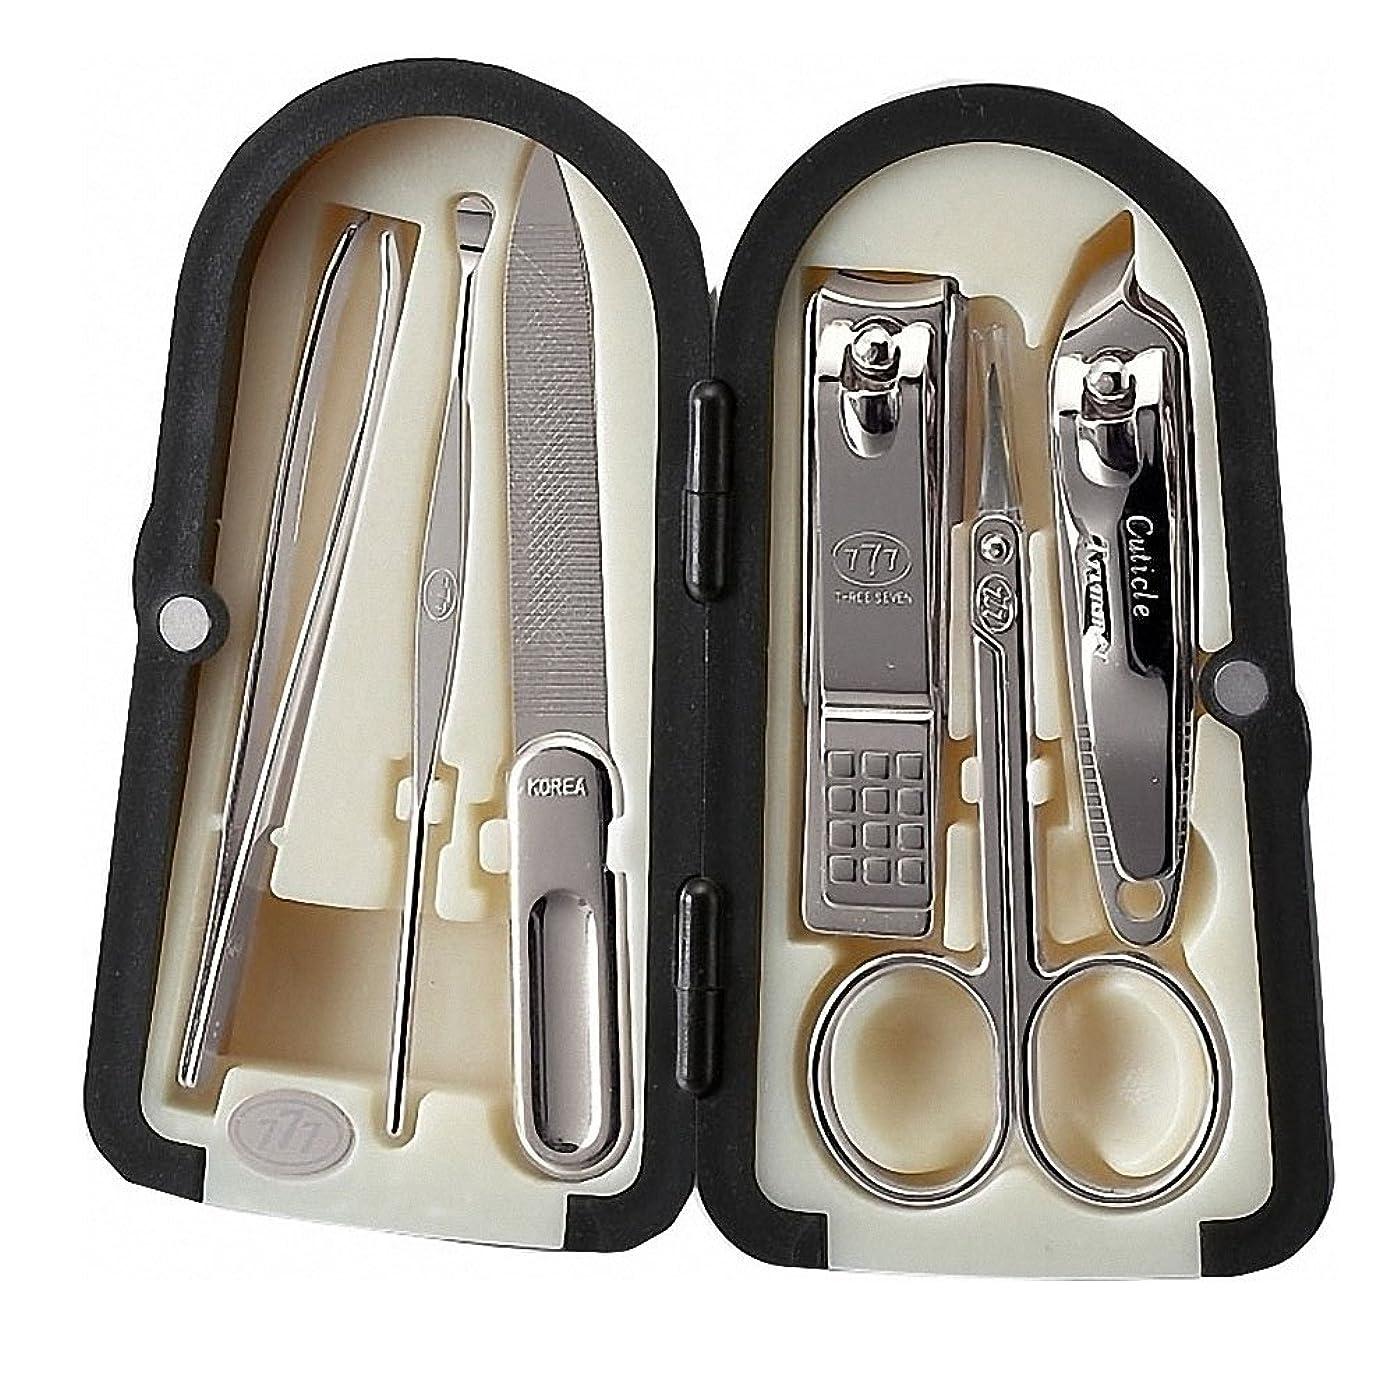 シャーパンダベット【 三セブン】THREE SEVEN TS-4000X Manicure Set with Three Color Case Choice 三セブンTS-4000Xマニキュアセット、3色ボックス選択 (1.Crome_Red) [並行輸入品]